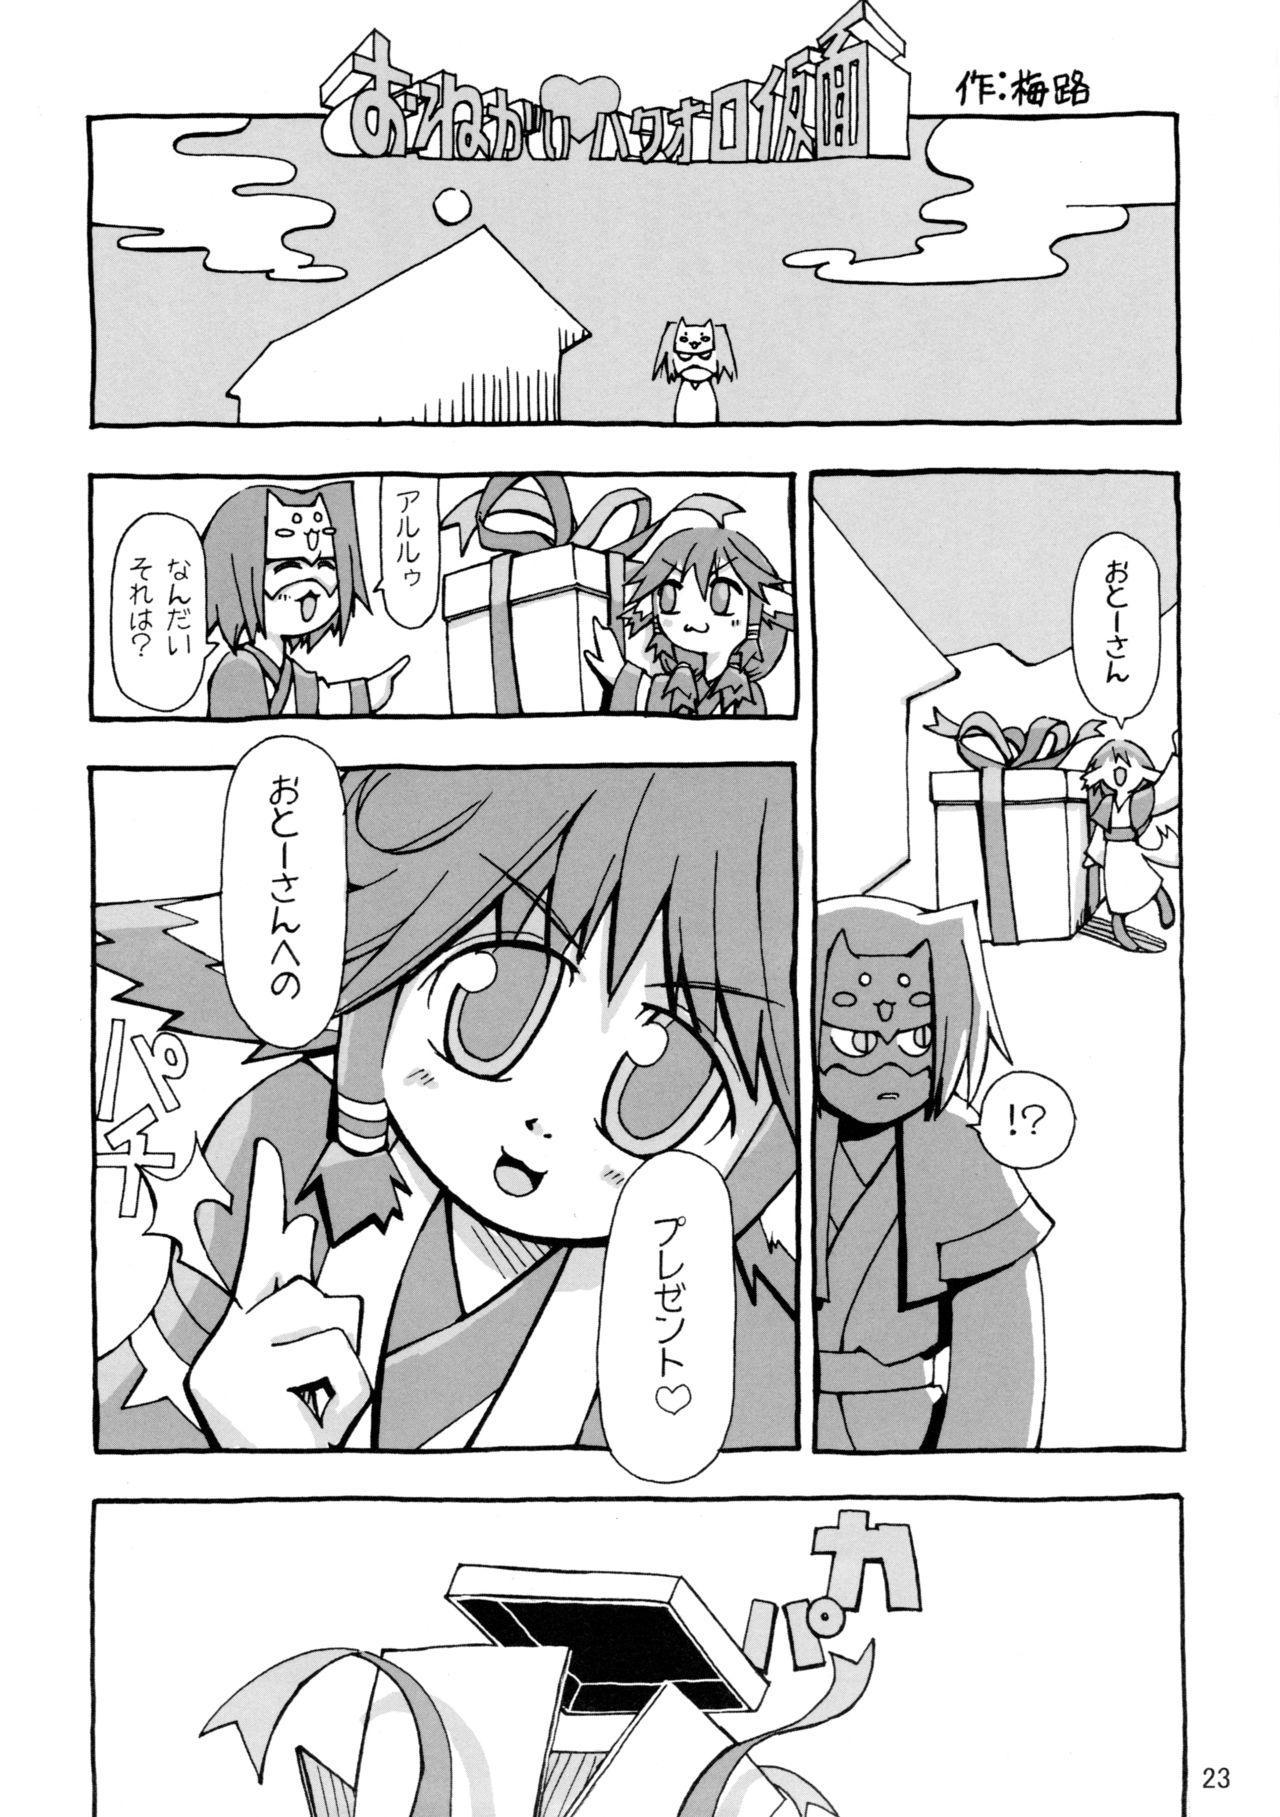 Hachimitsu 24